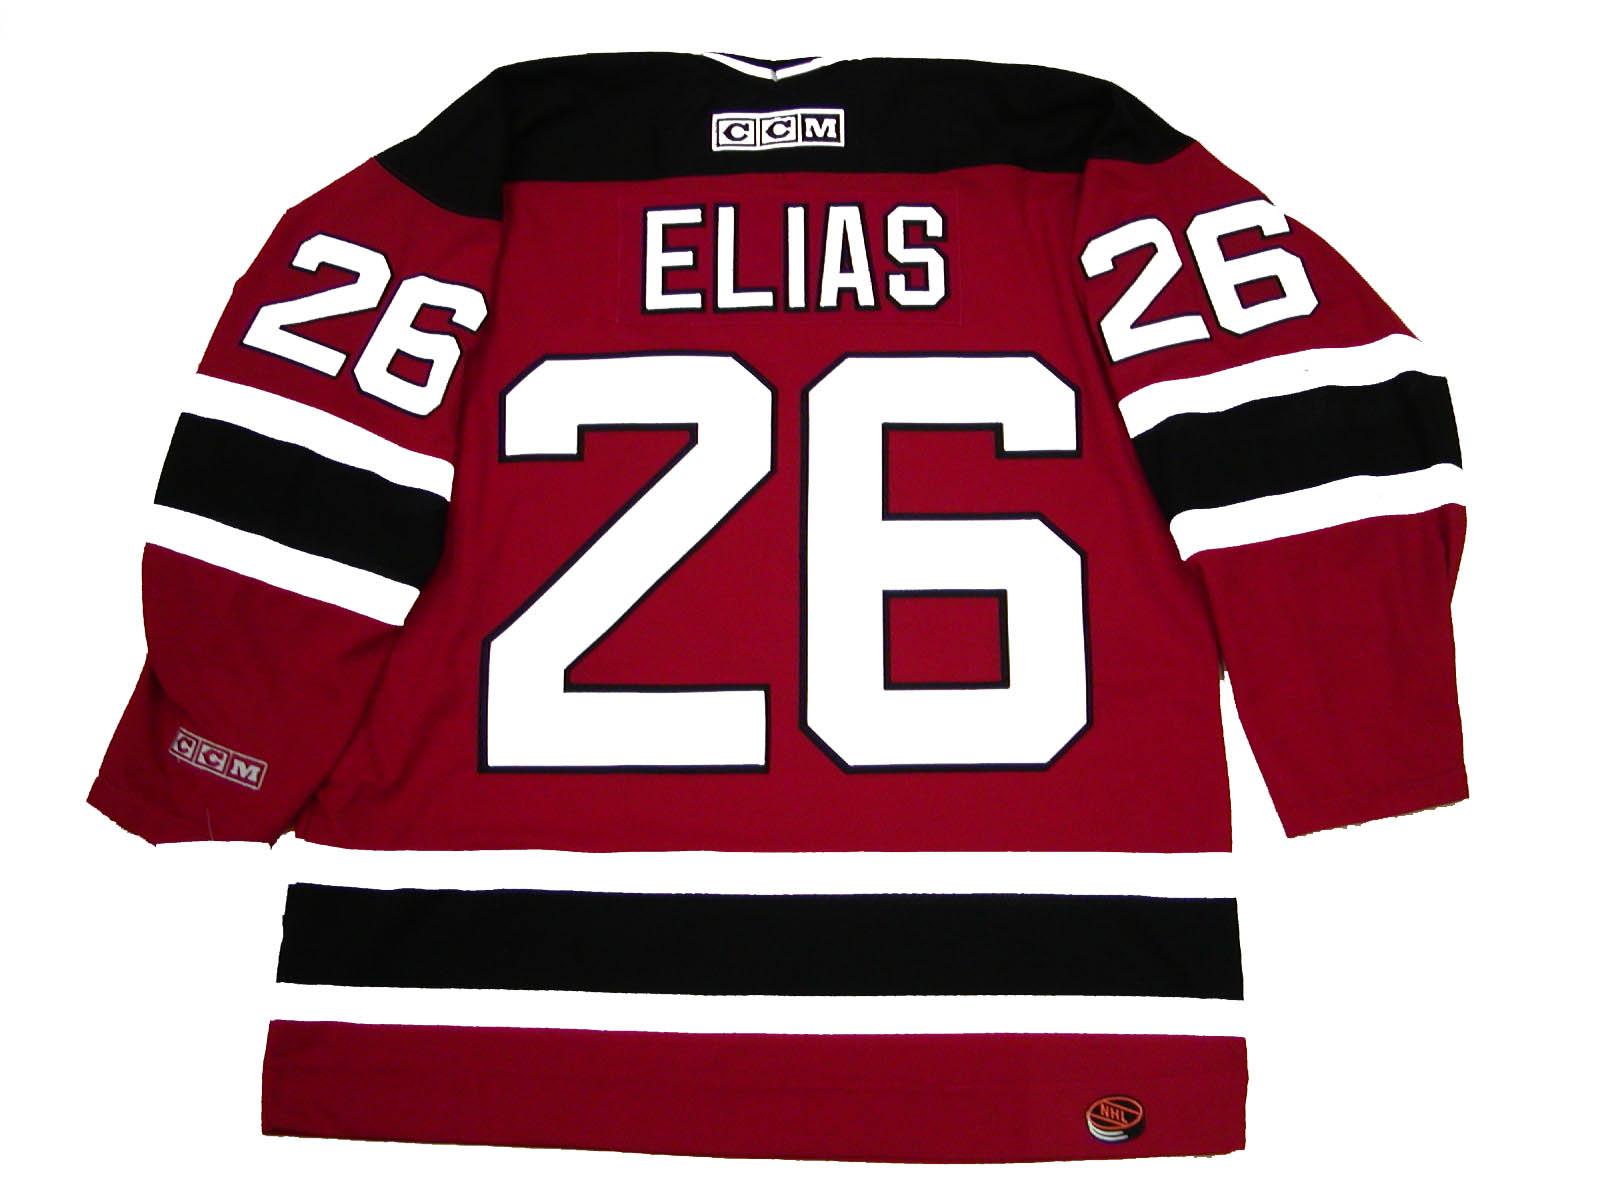 NJ Devils - ELIAS 26